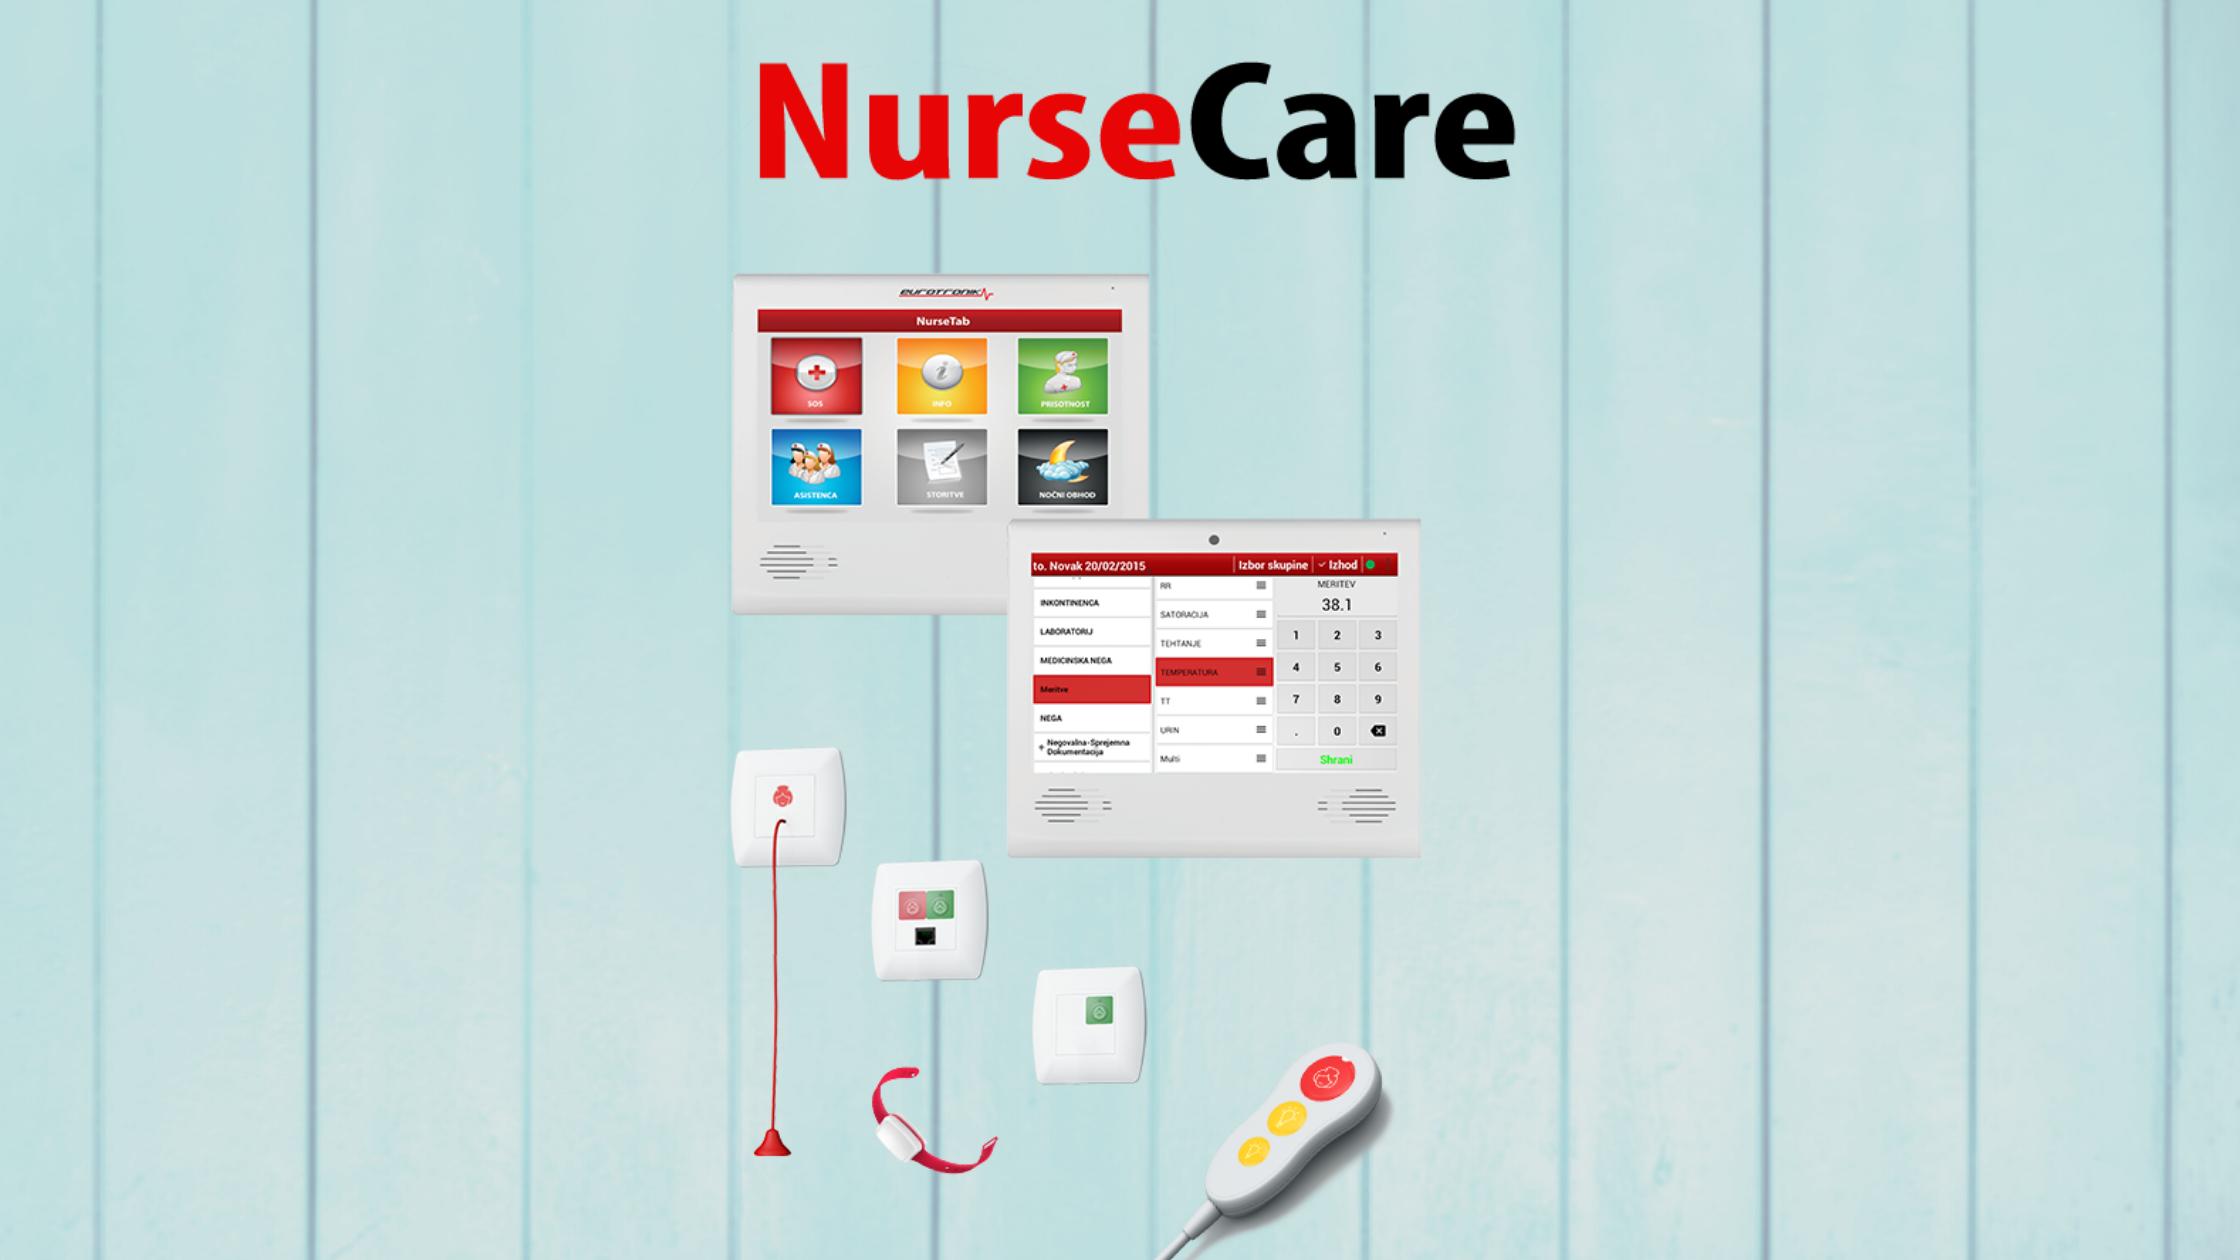 nursecare tech